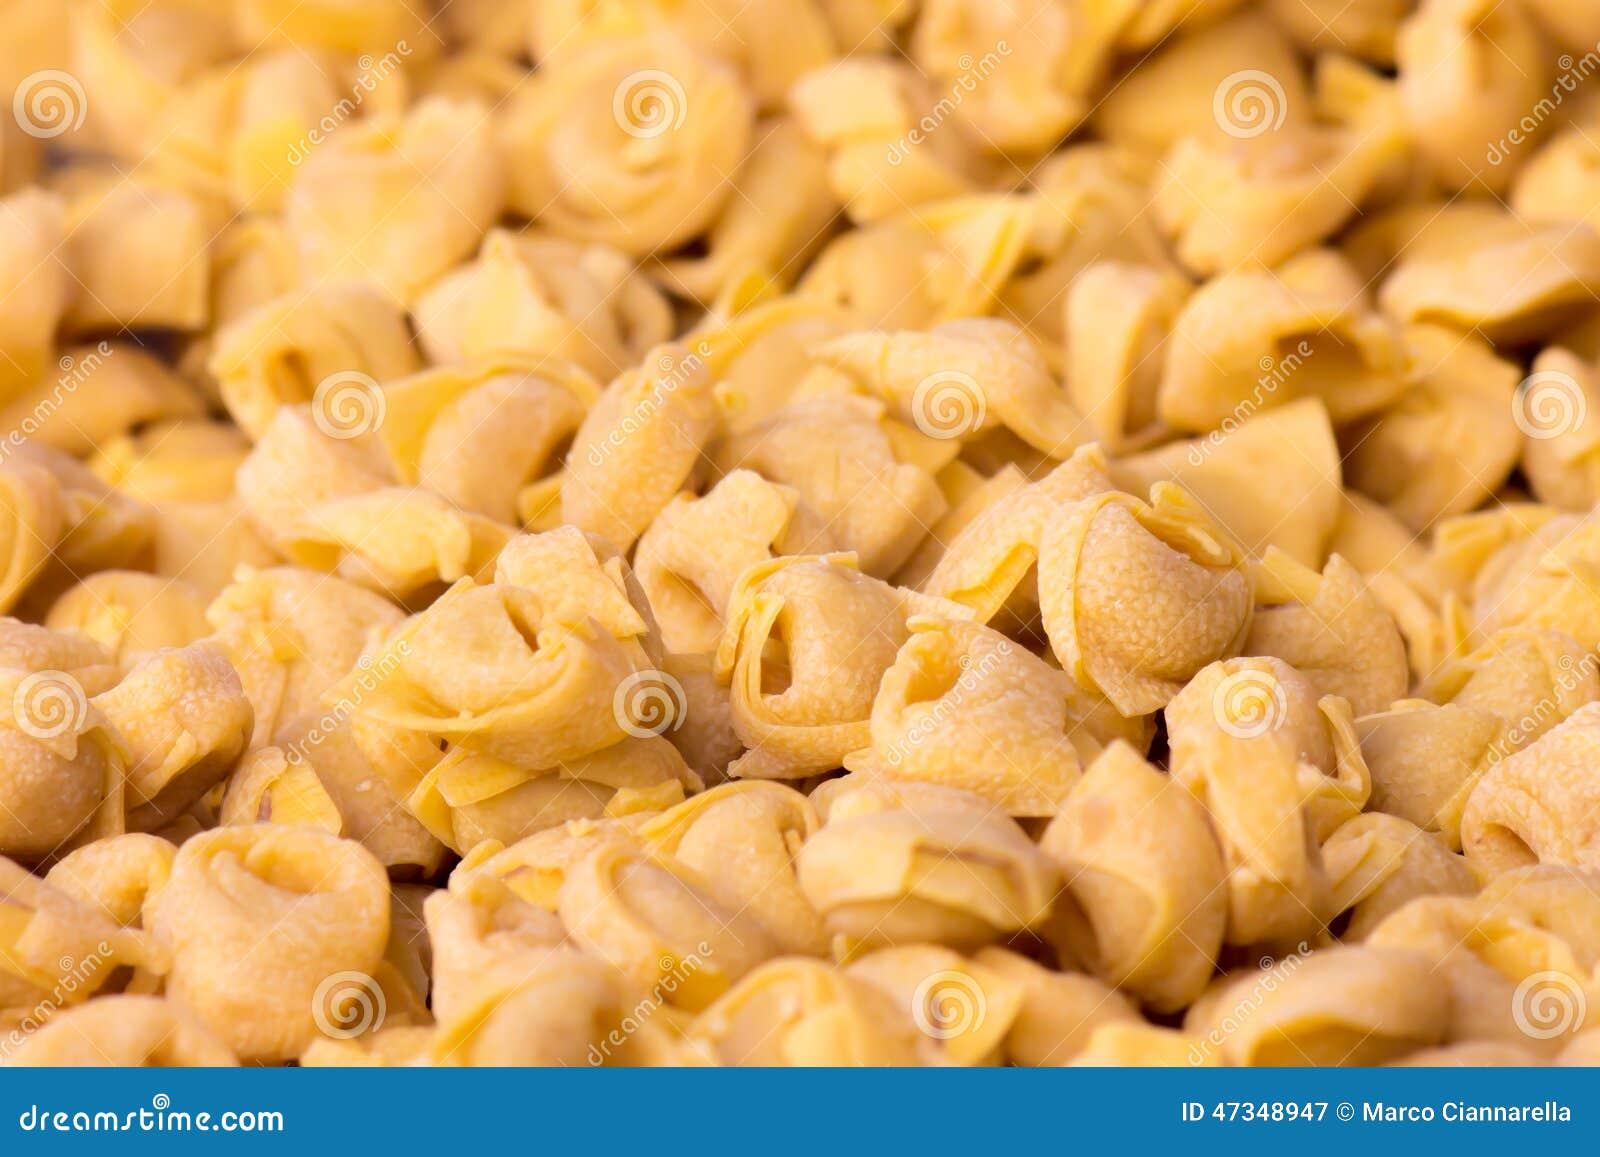 Tortellini, italienische Teigwaren